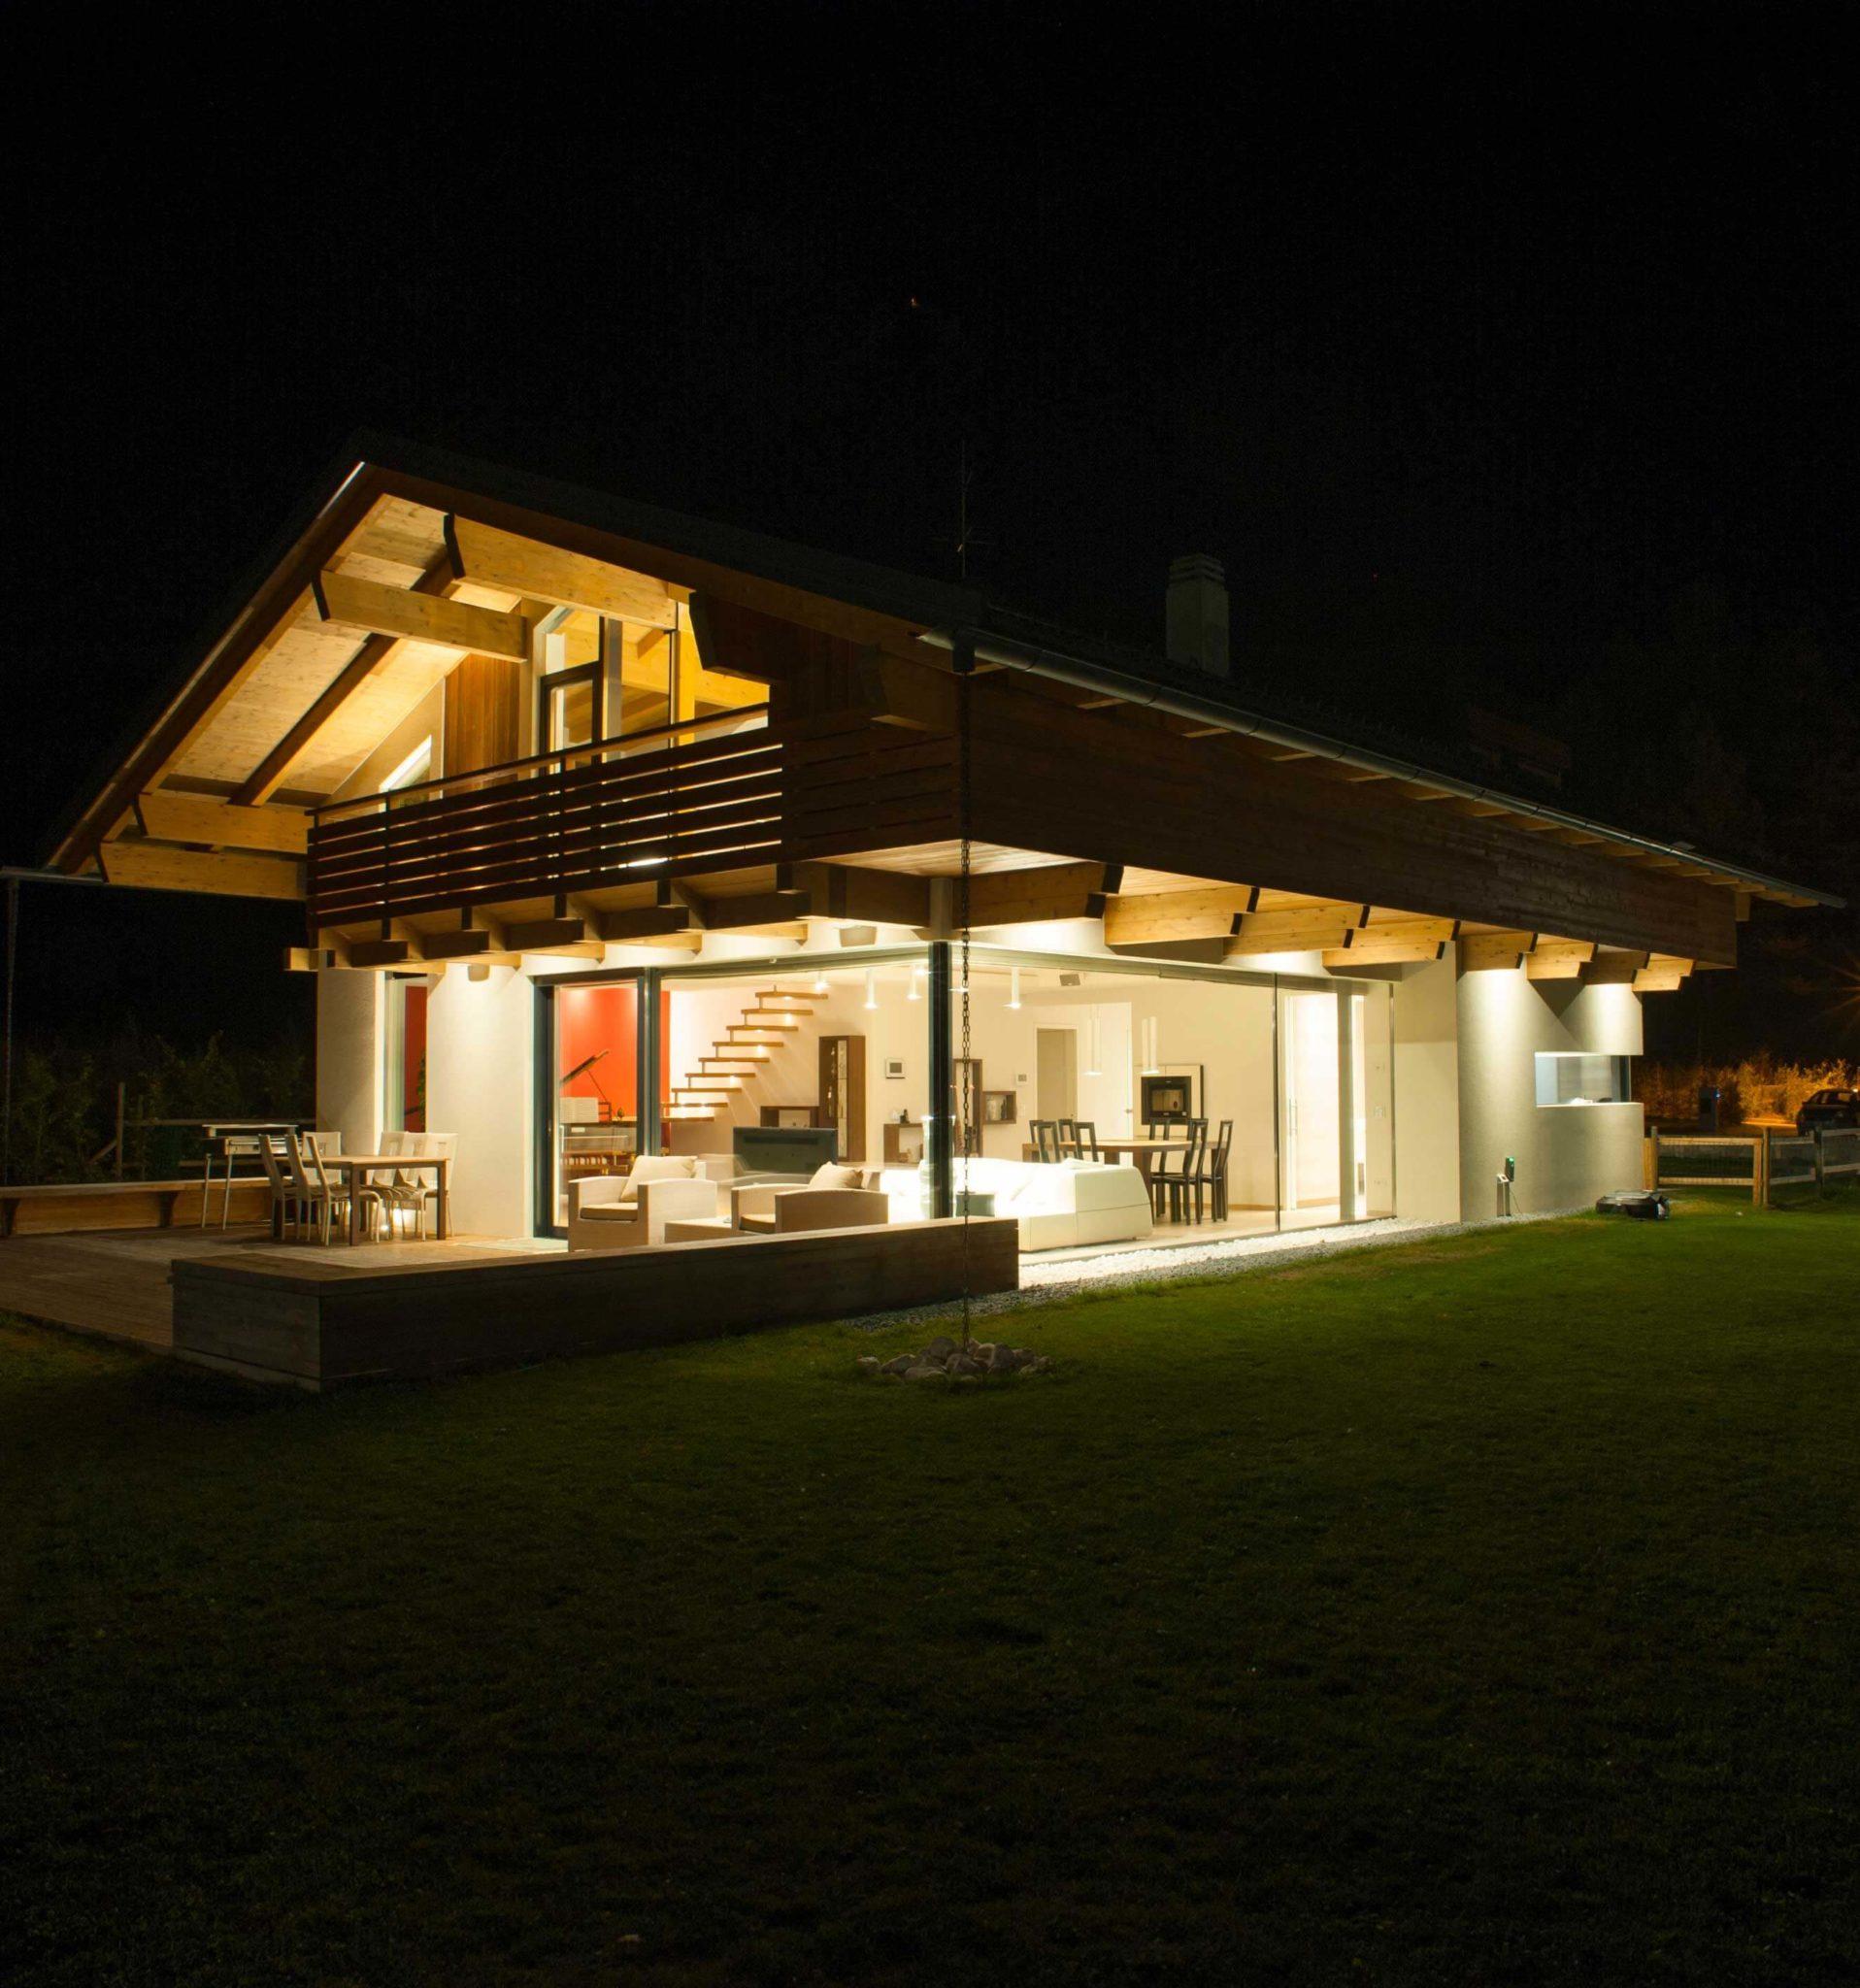 Illuminazione led casa legno9ok brillamenti - Illuminazione led casa ...